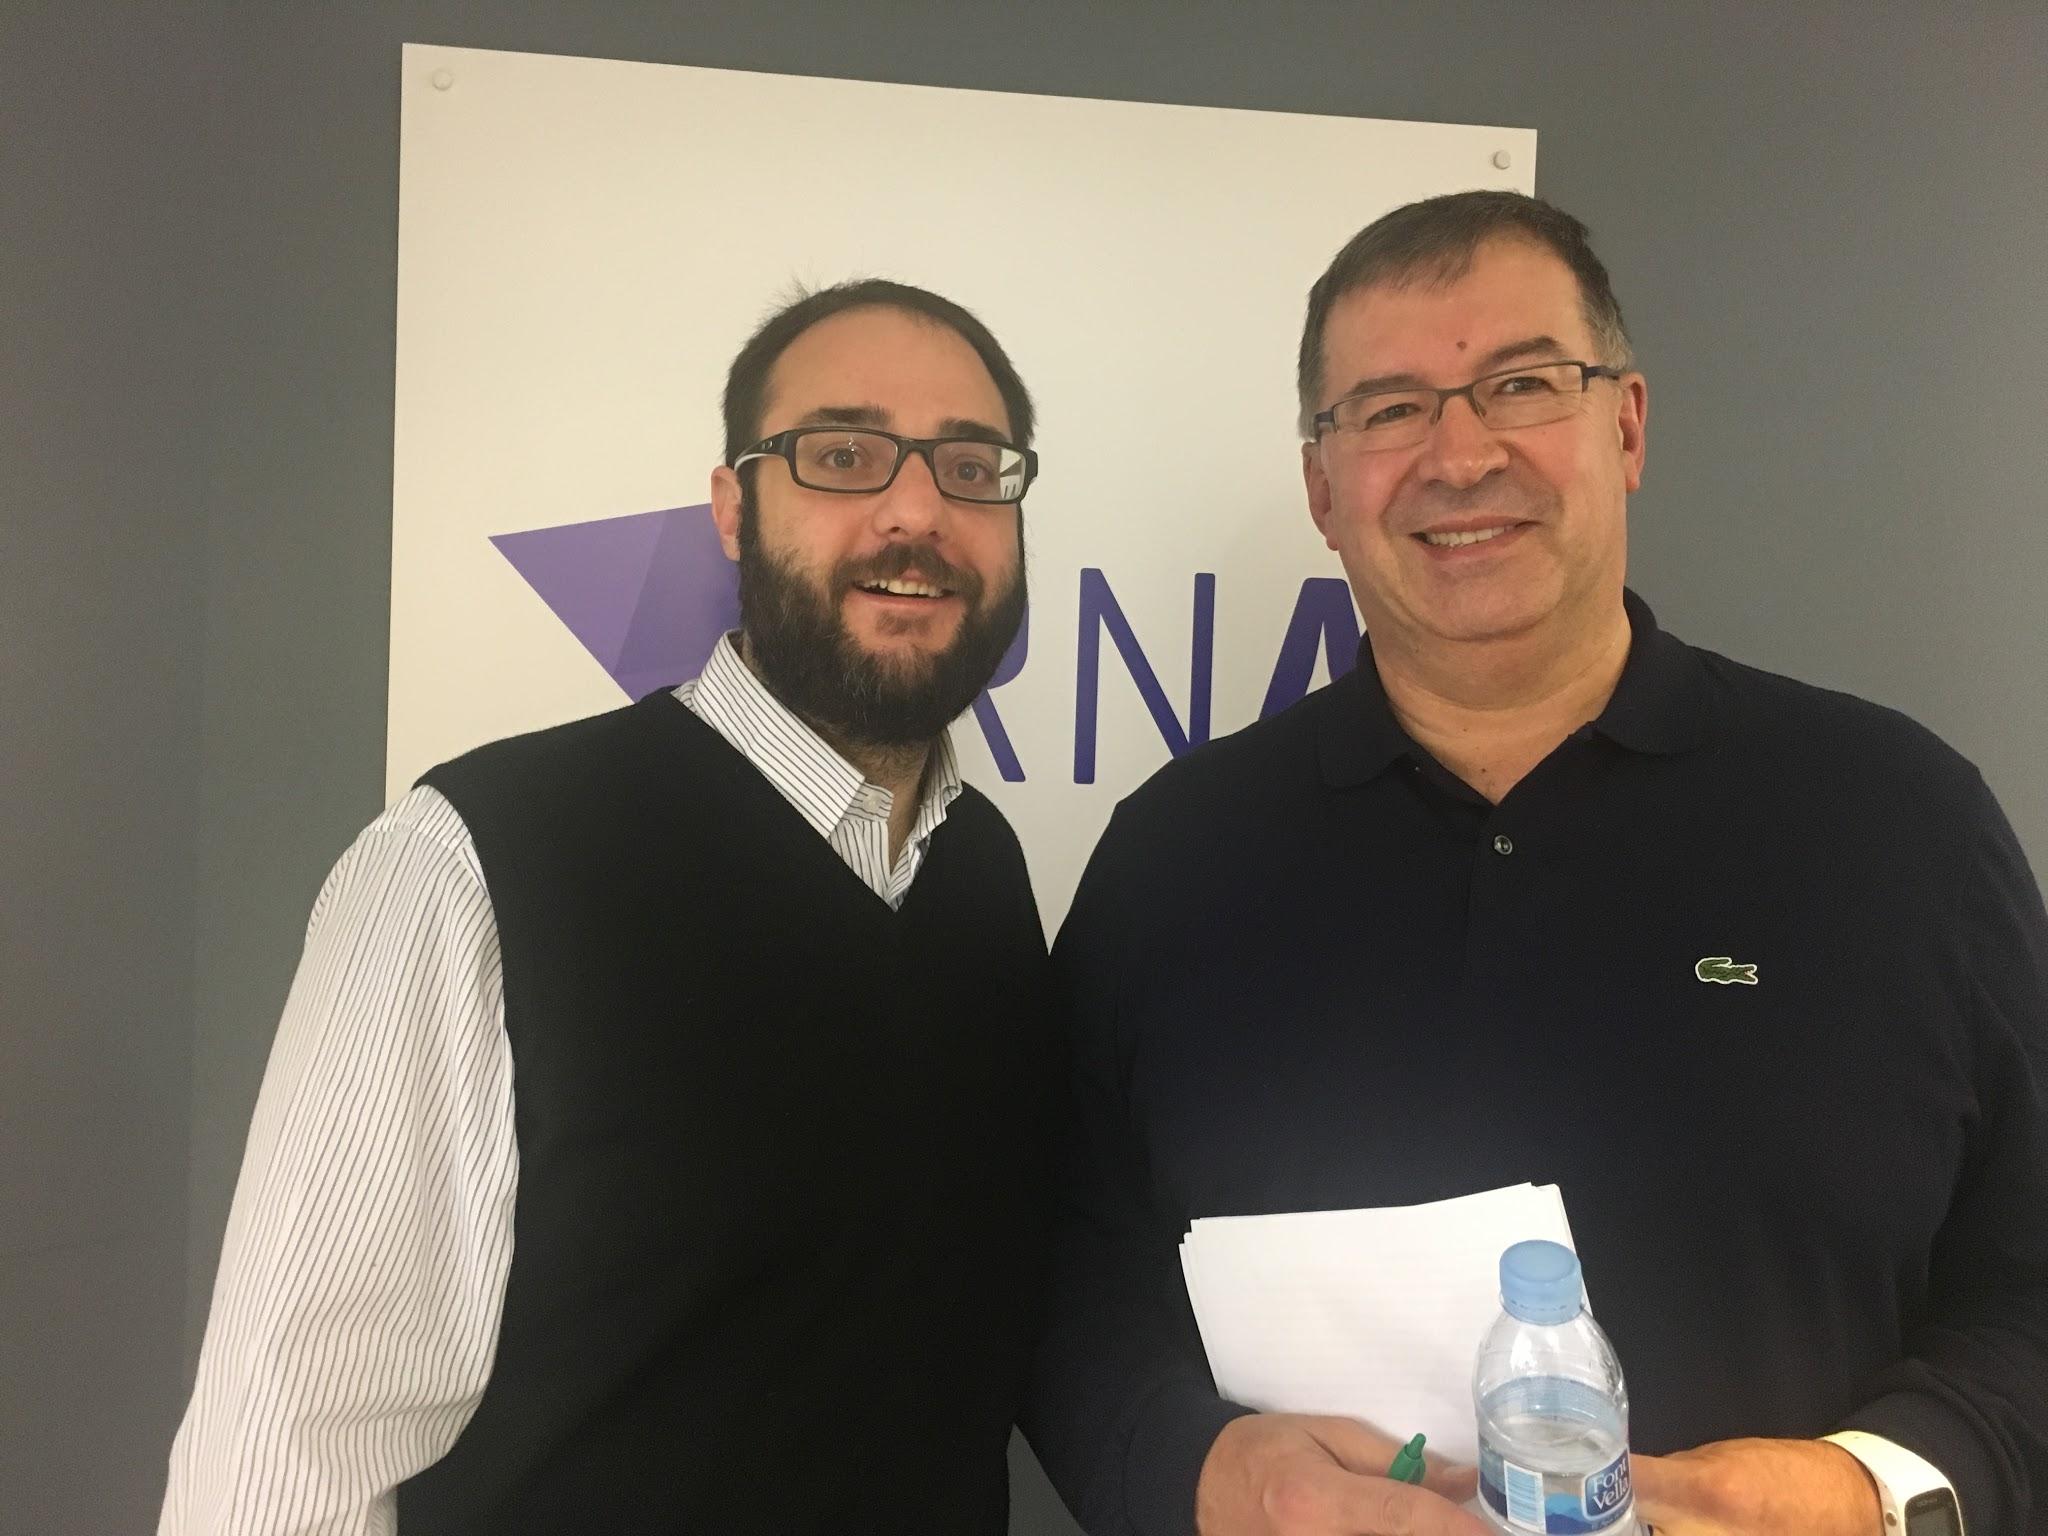 Ramon Tena coordinarà el 'Youth Peace Camp' 2017 a Estrasburg